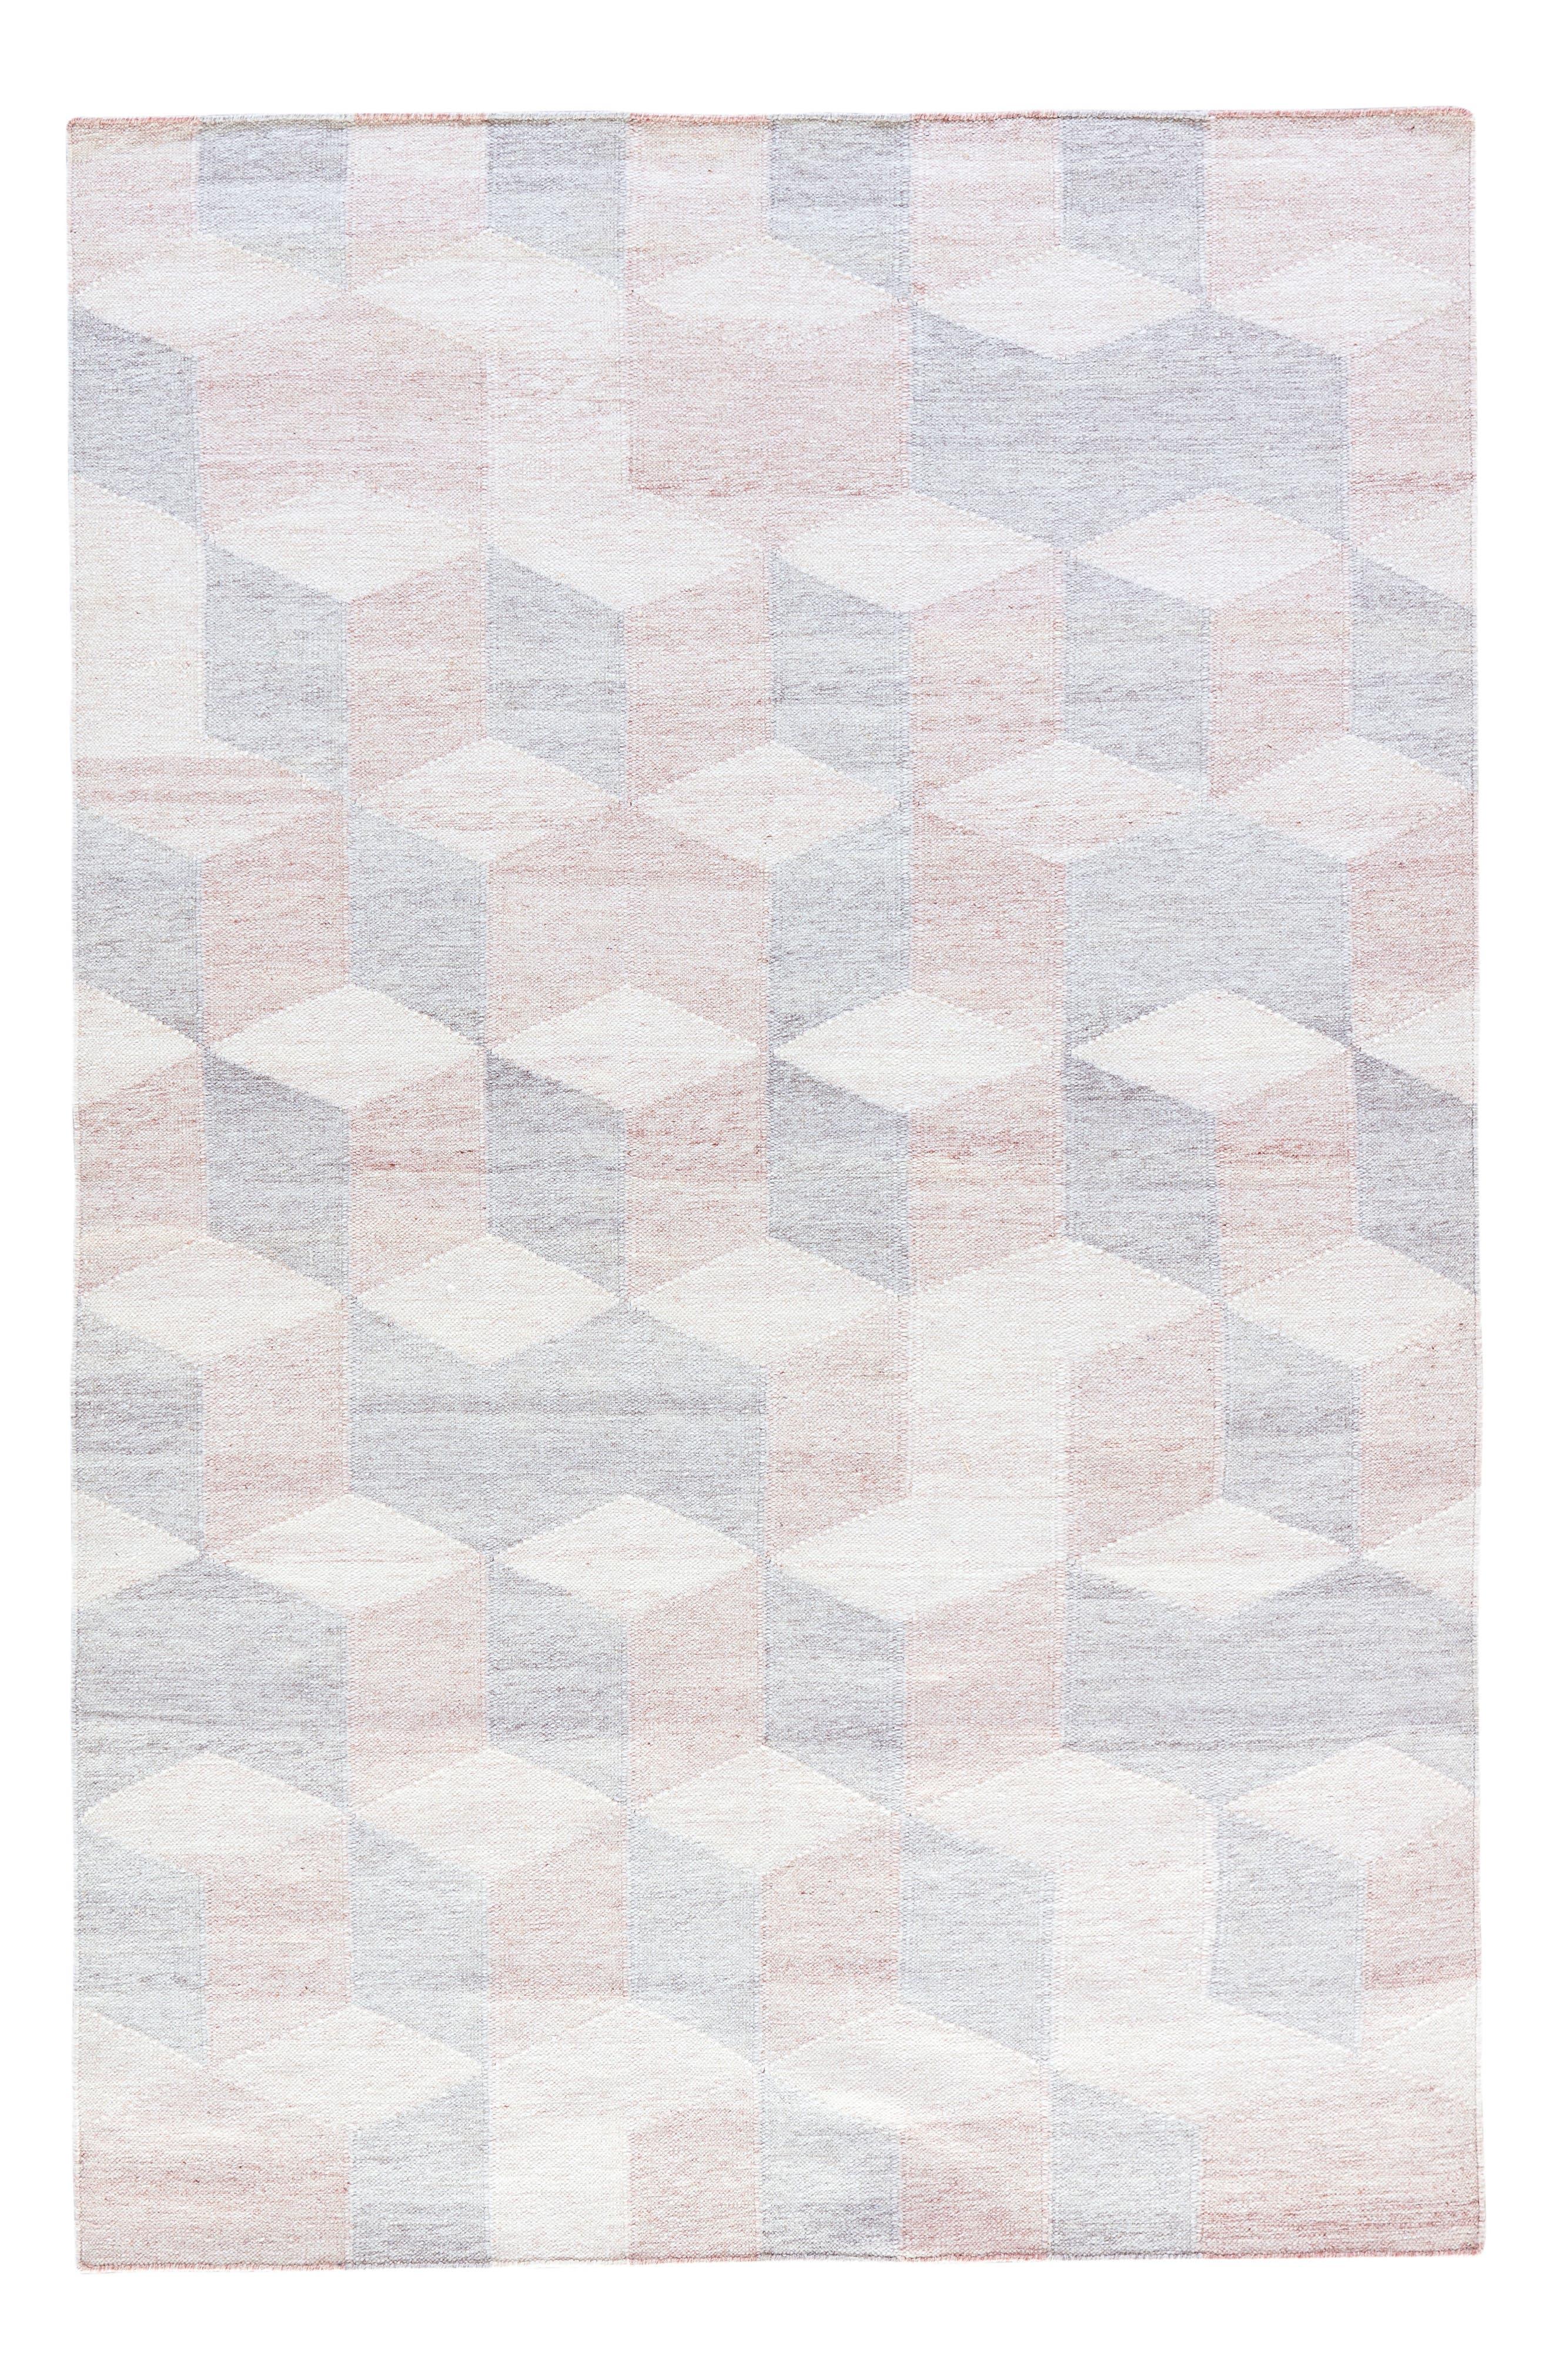 Pyramid Blocks Rug,                             Main thumbnail 3, color,